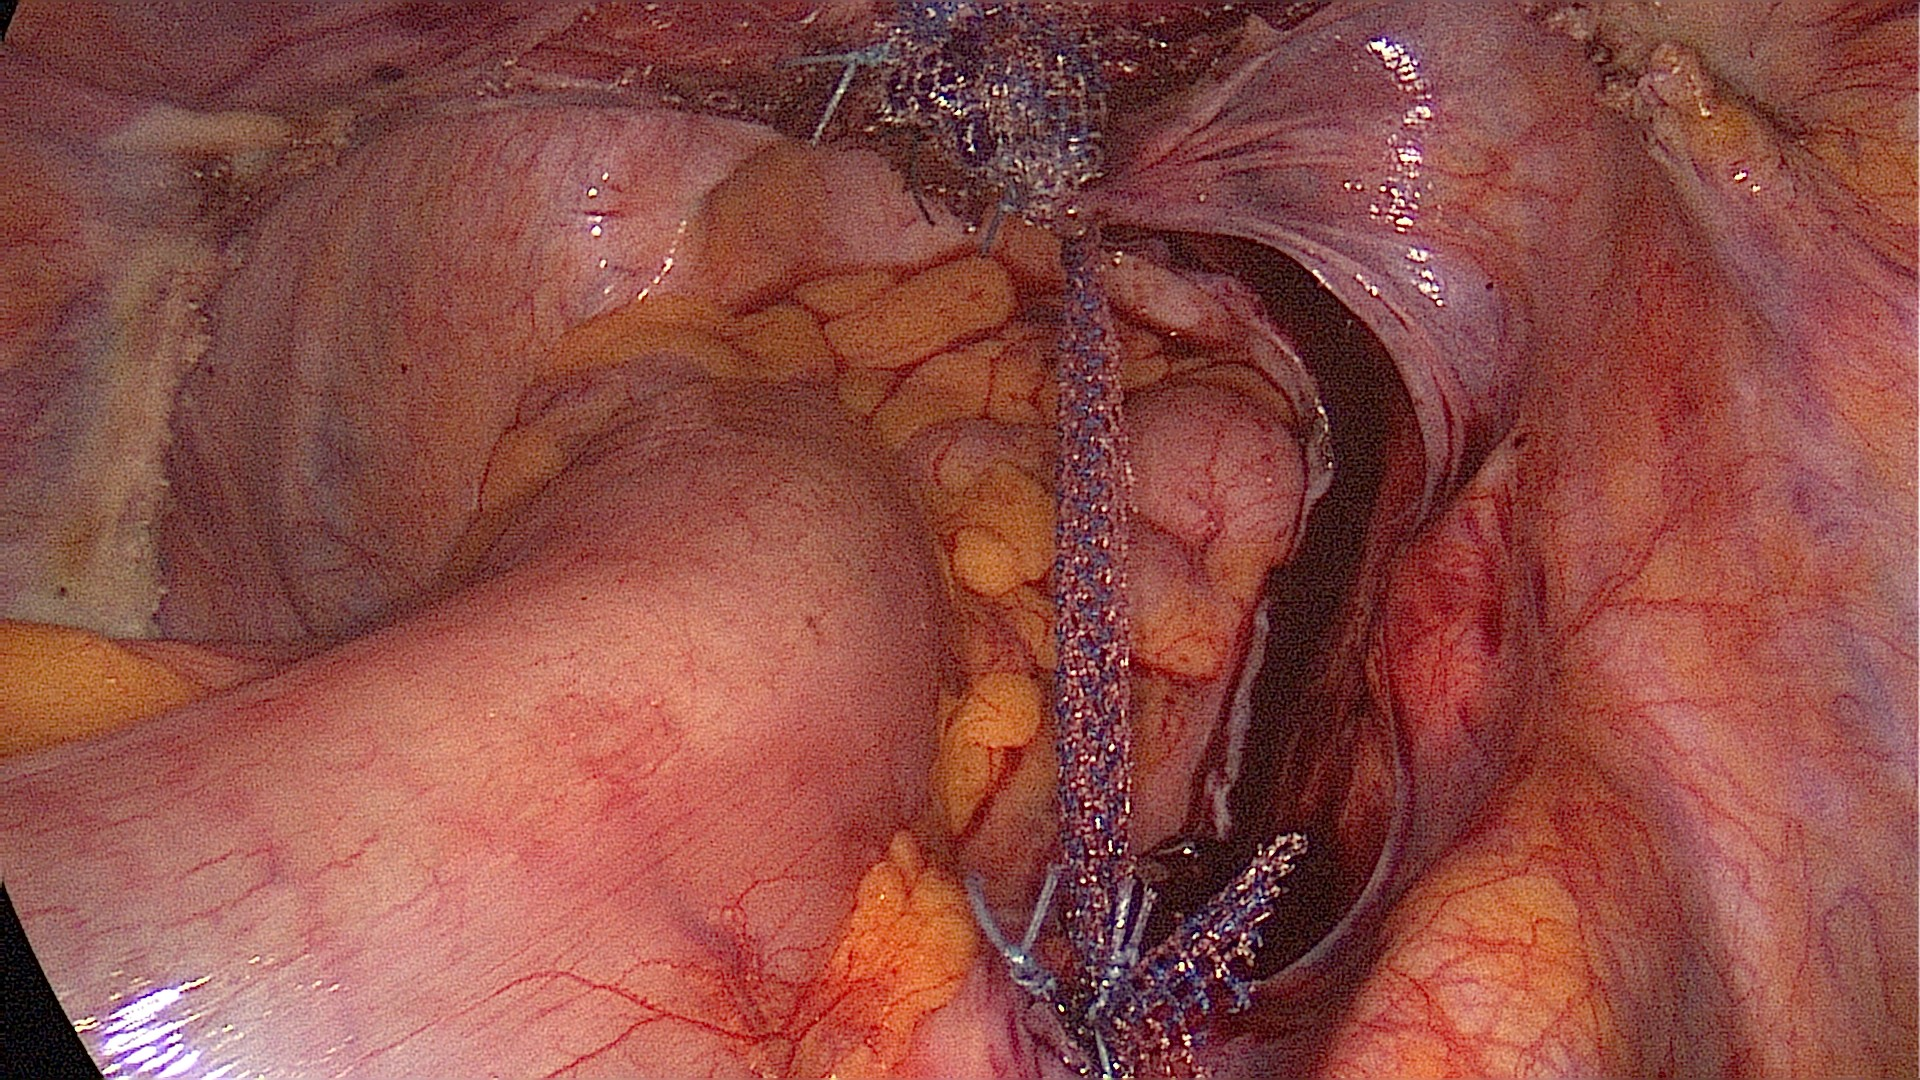 laparoscopic sacrocervicopexy